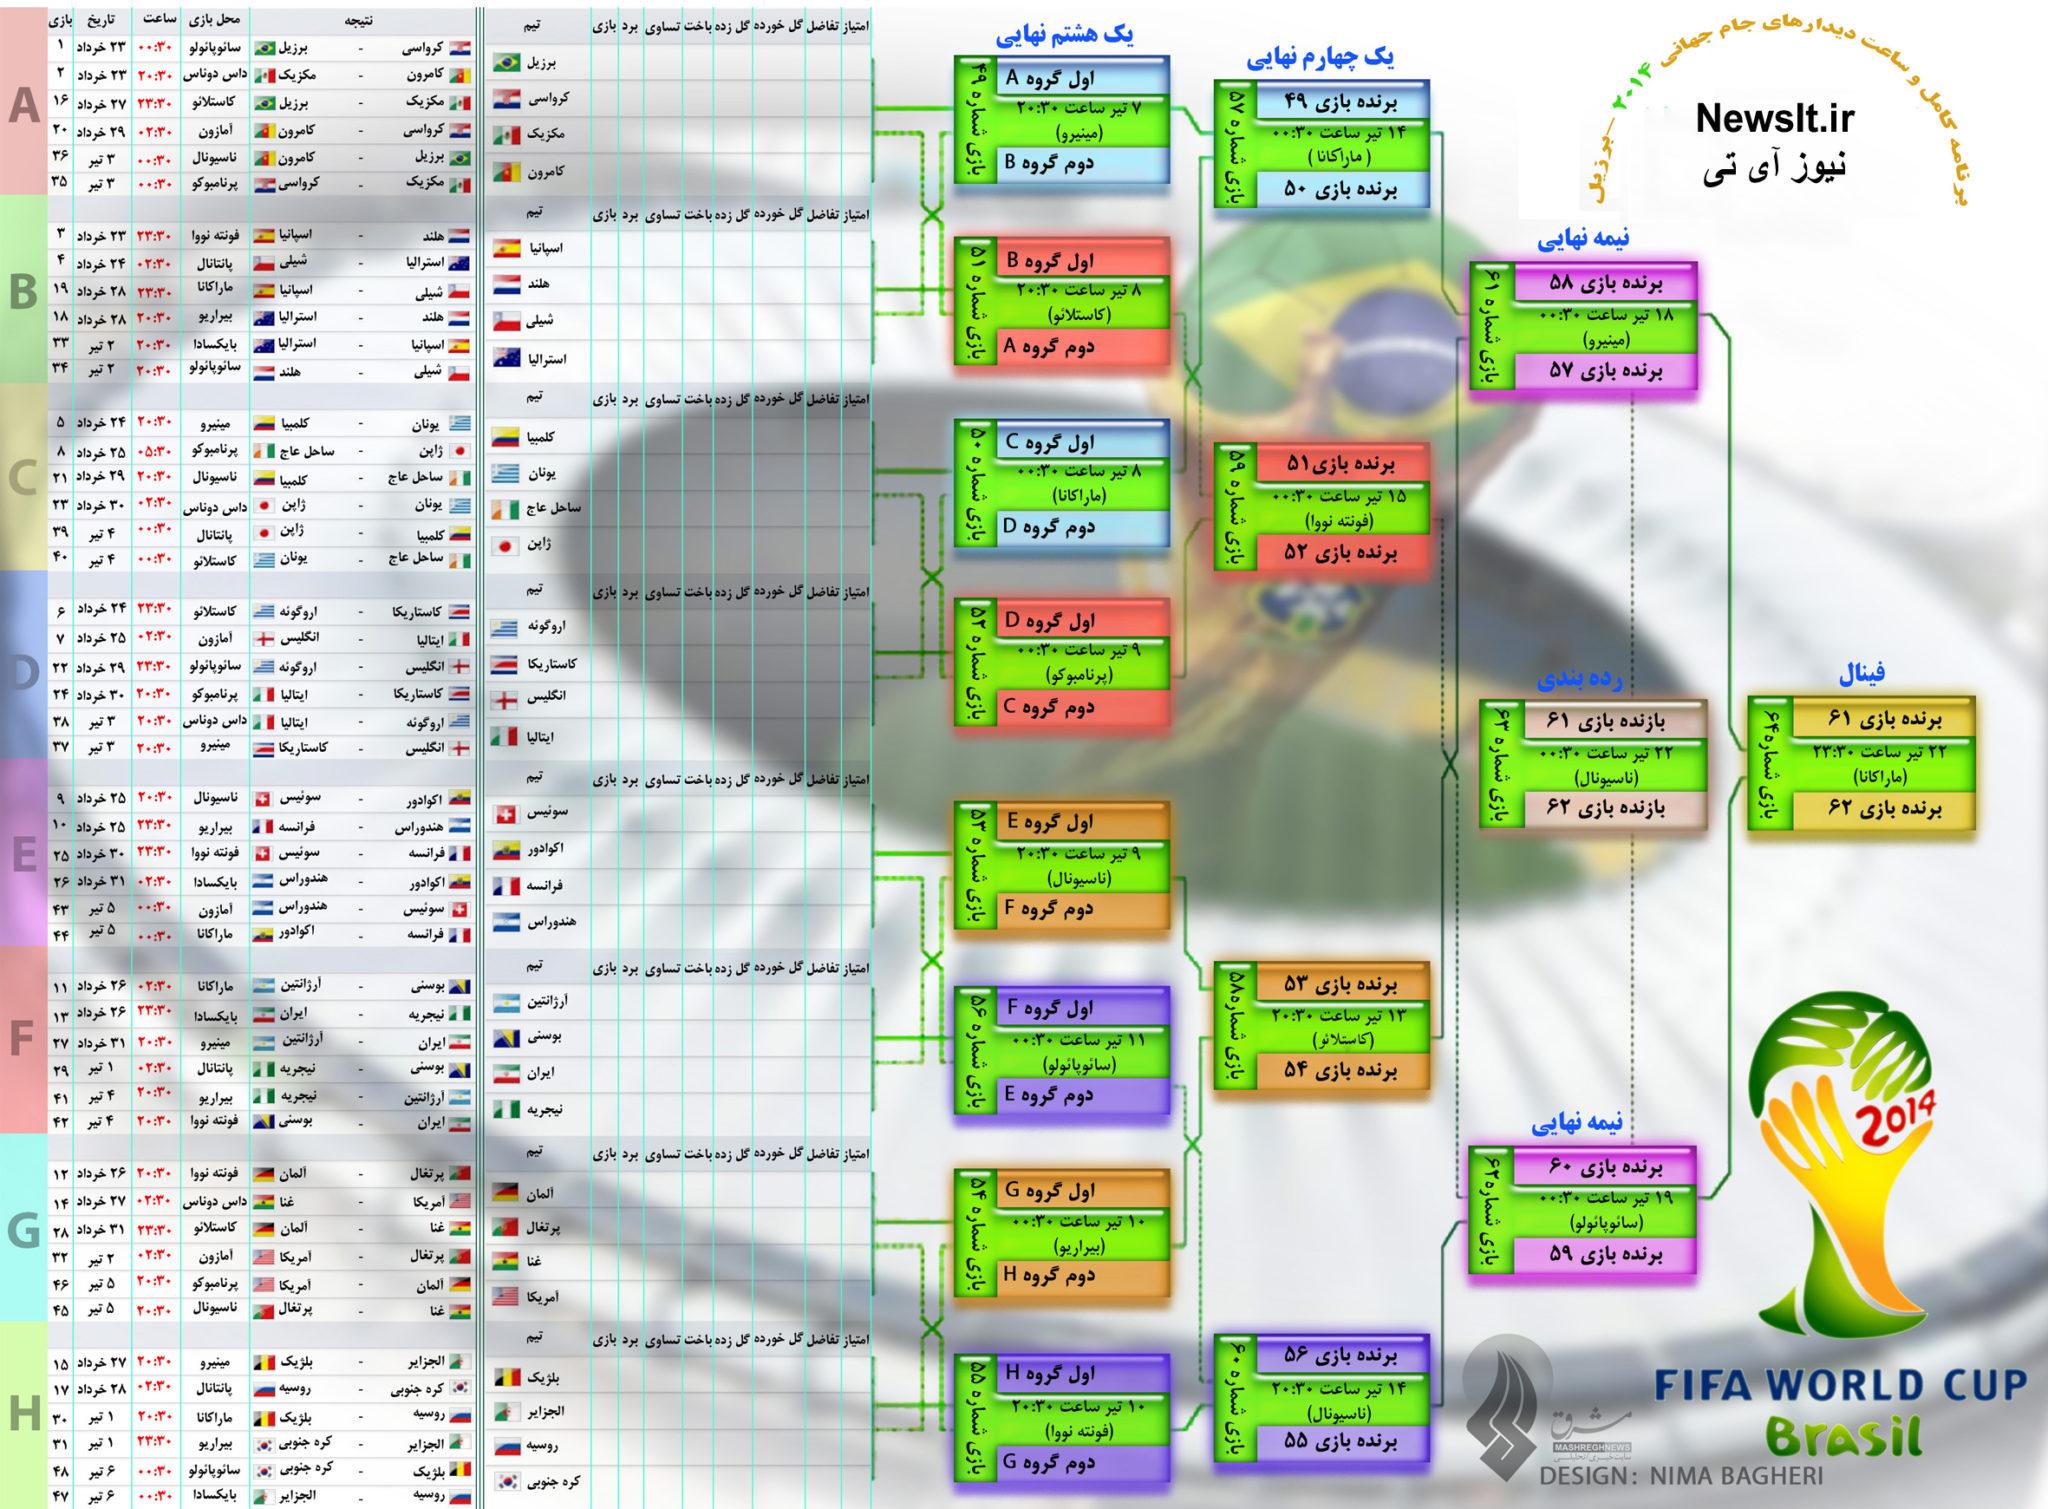 برنامه کامل و ساعت مسابقات جام جهانی 2014 برزیل